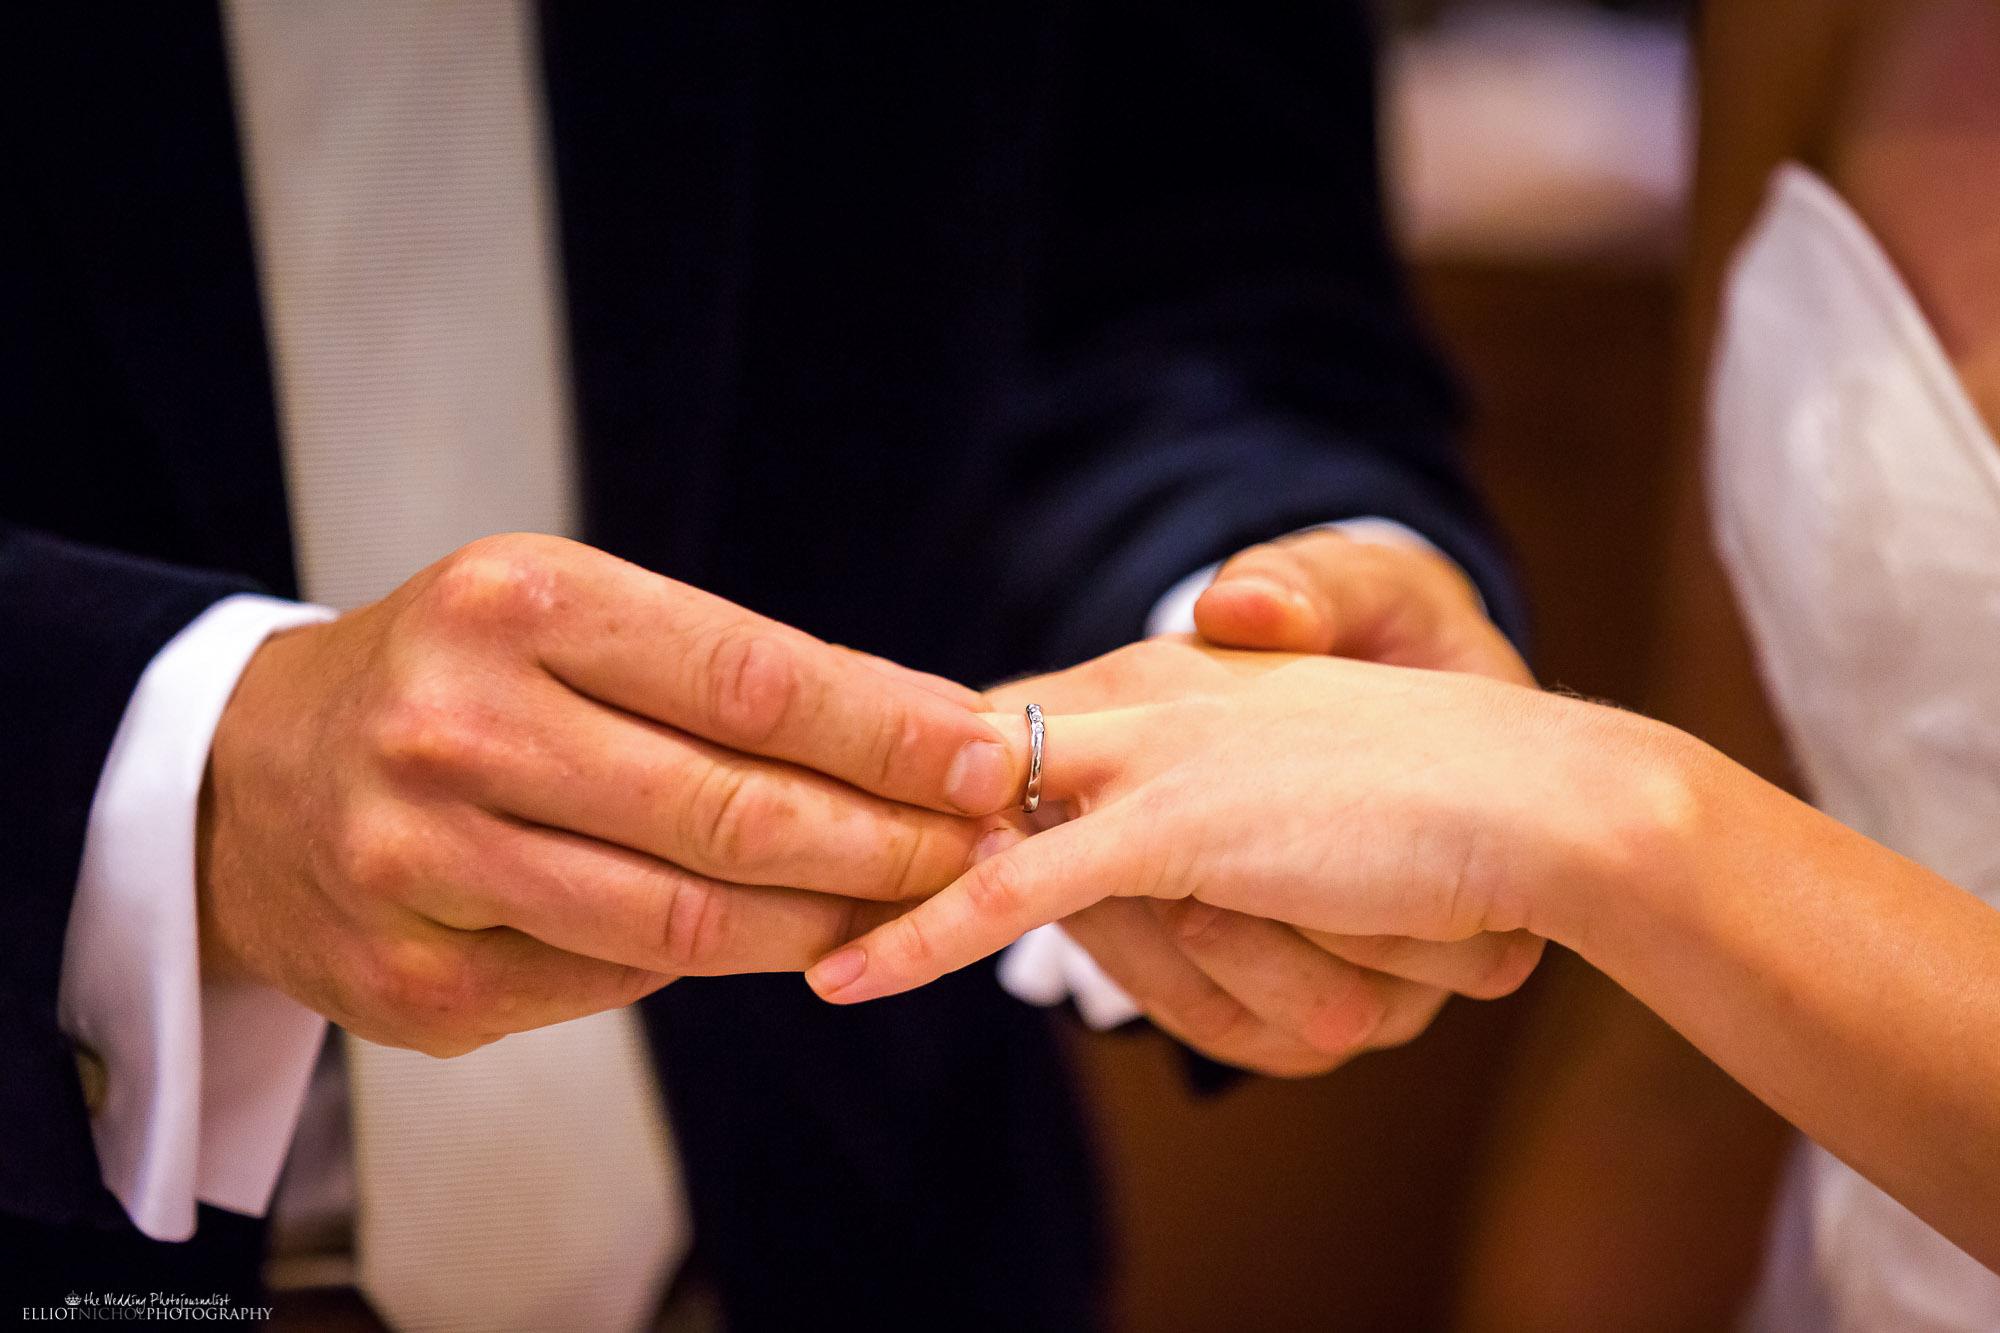 wedding-ring-exchange-bride-groom-photography